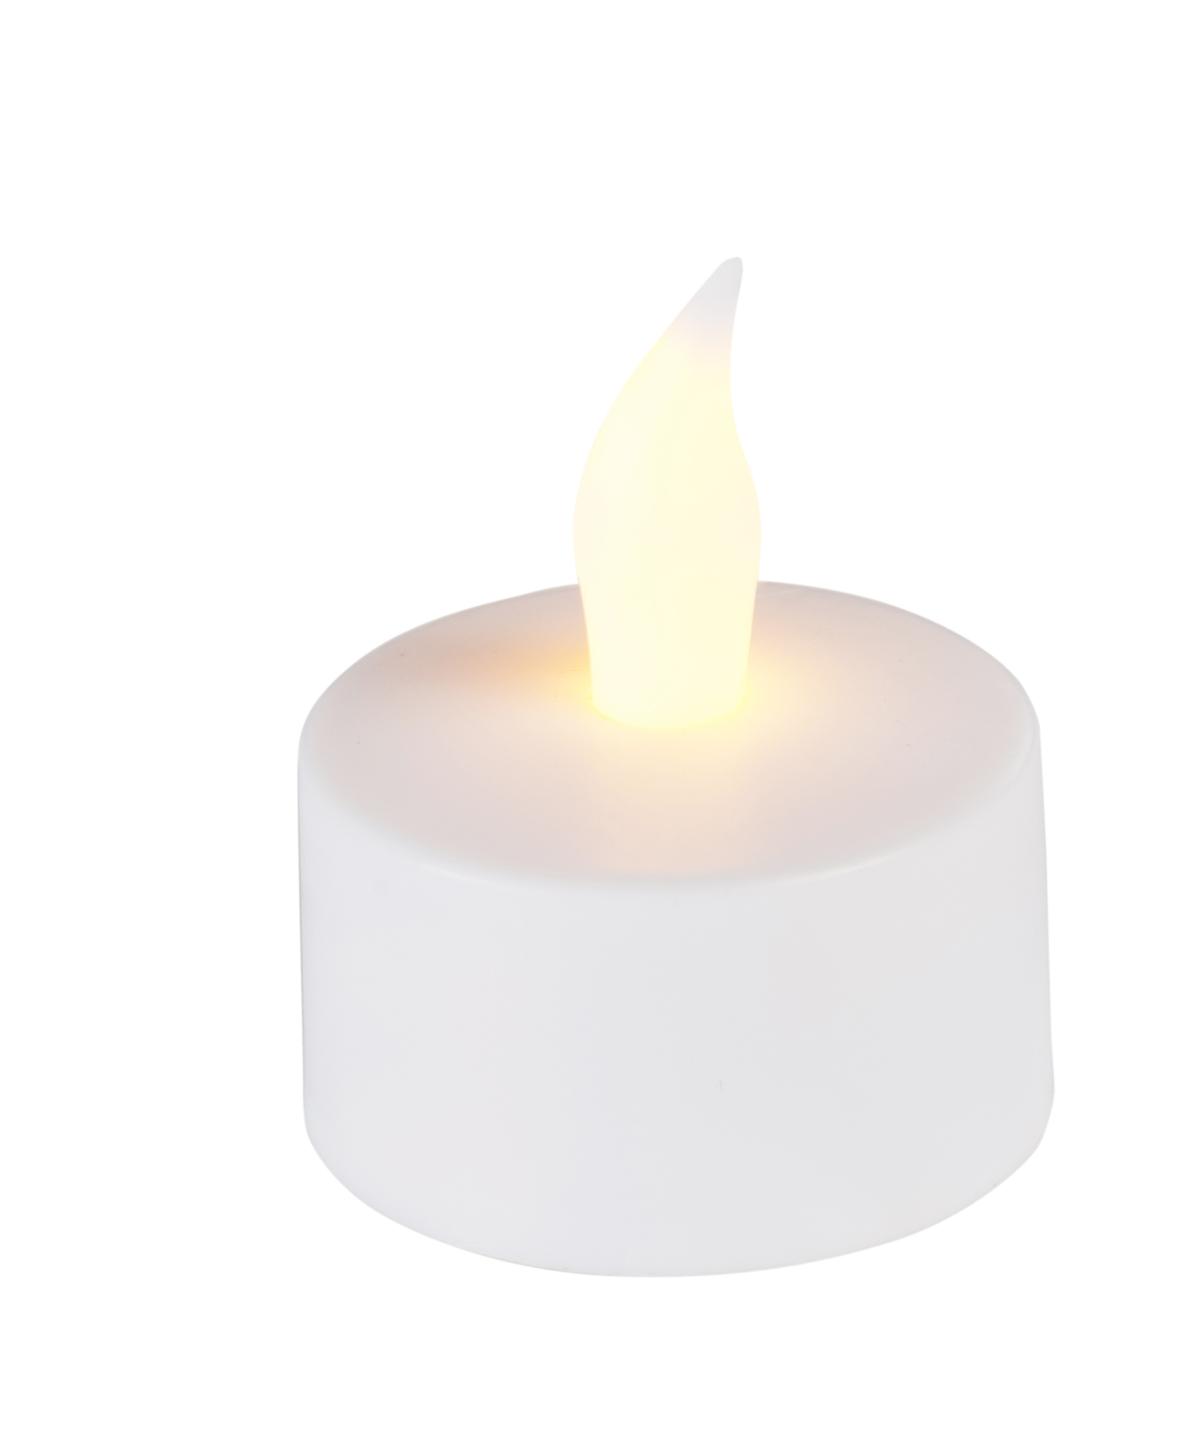 Bougie à led ronde blanc Ø 4,70 cm 3,50 cm (12 pièces)